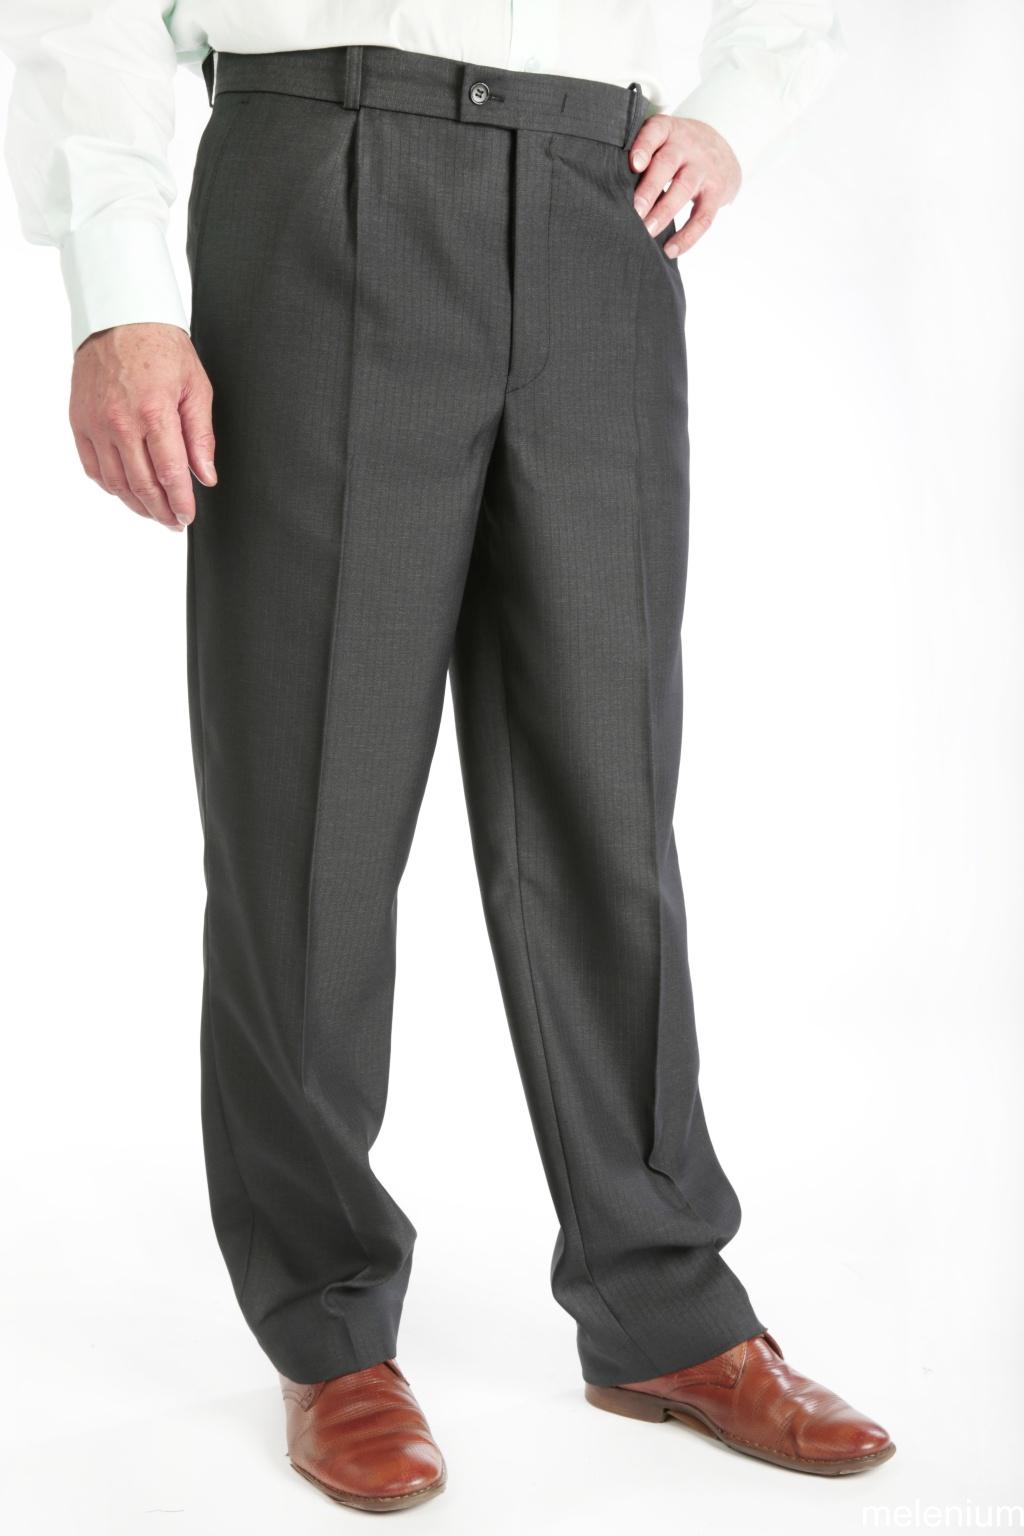 3591a685e5ad5 Мужские брюки больших размеров: купить в Москве | Брюки больших ...